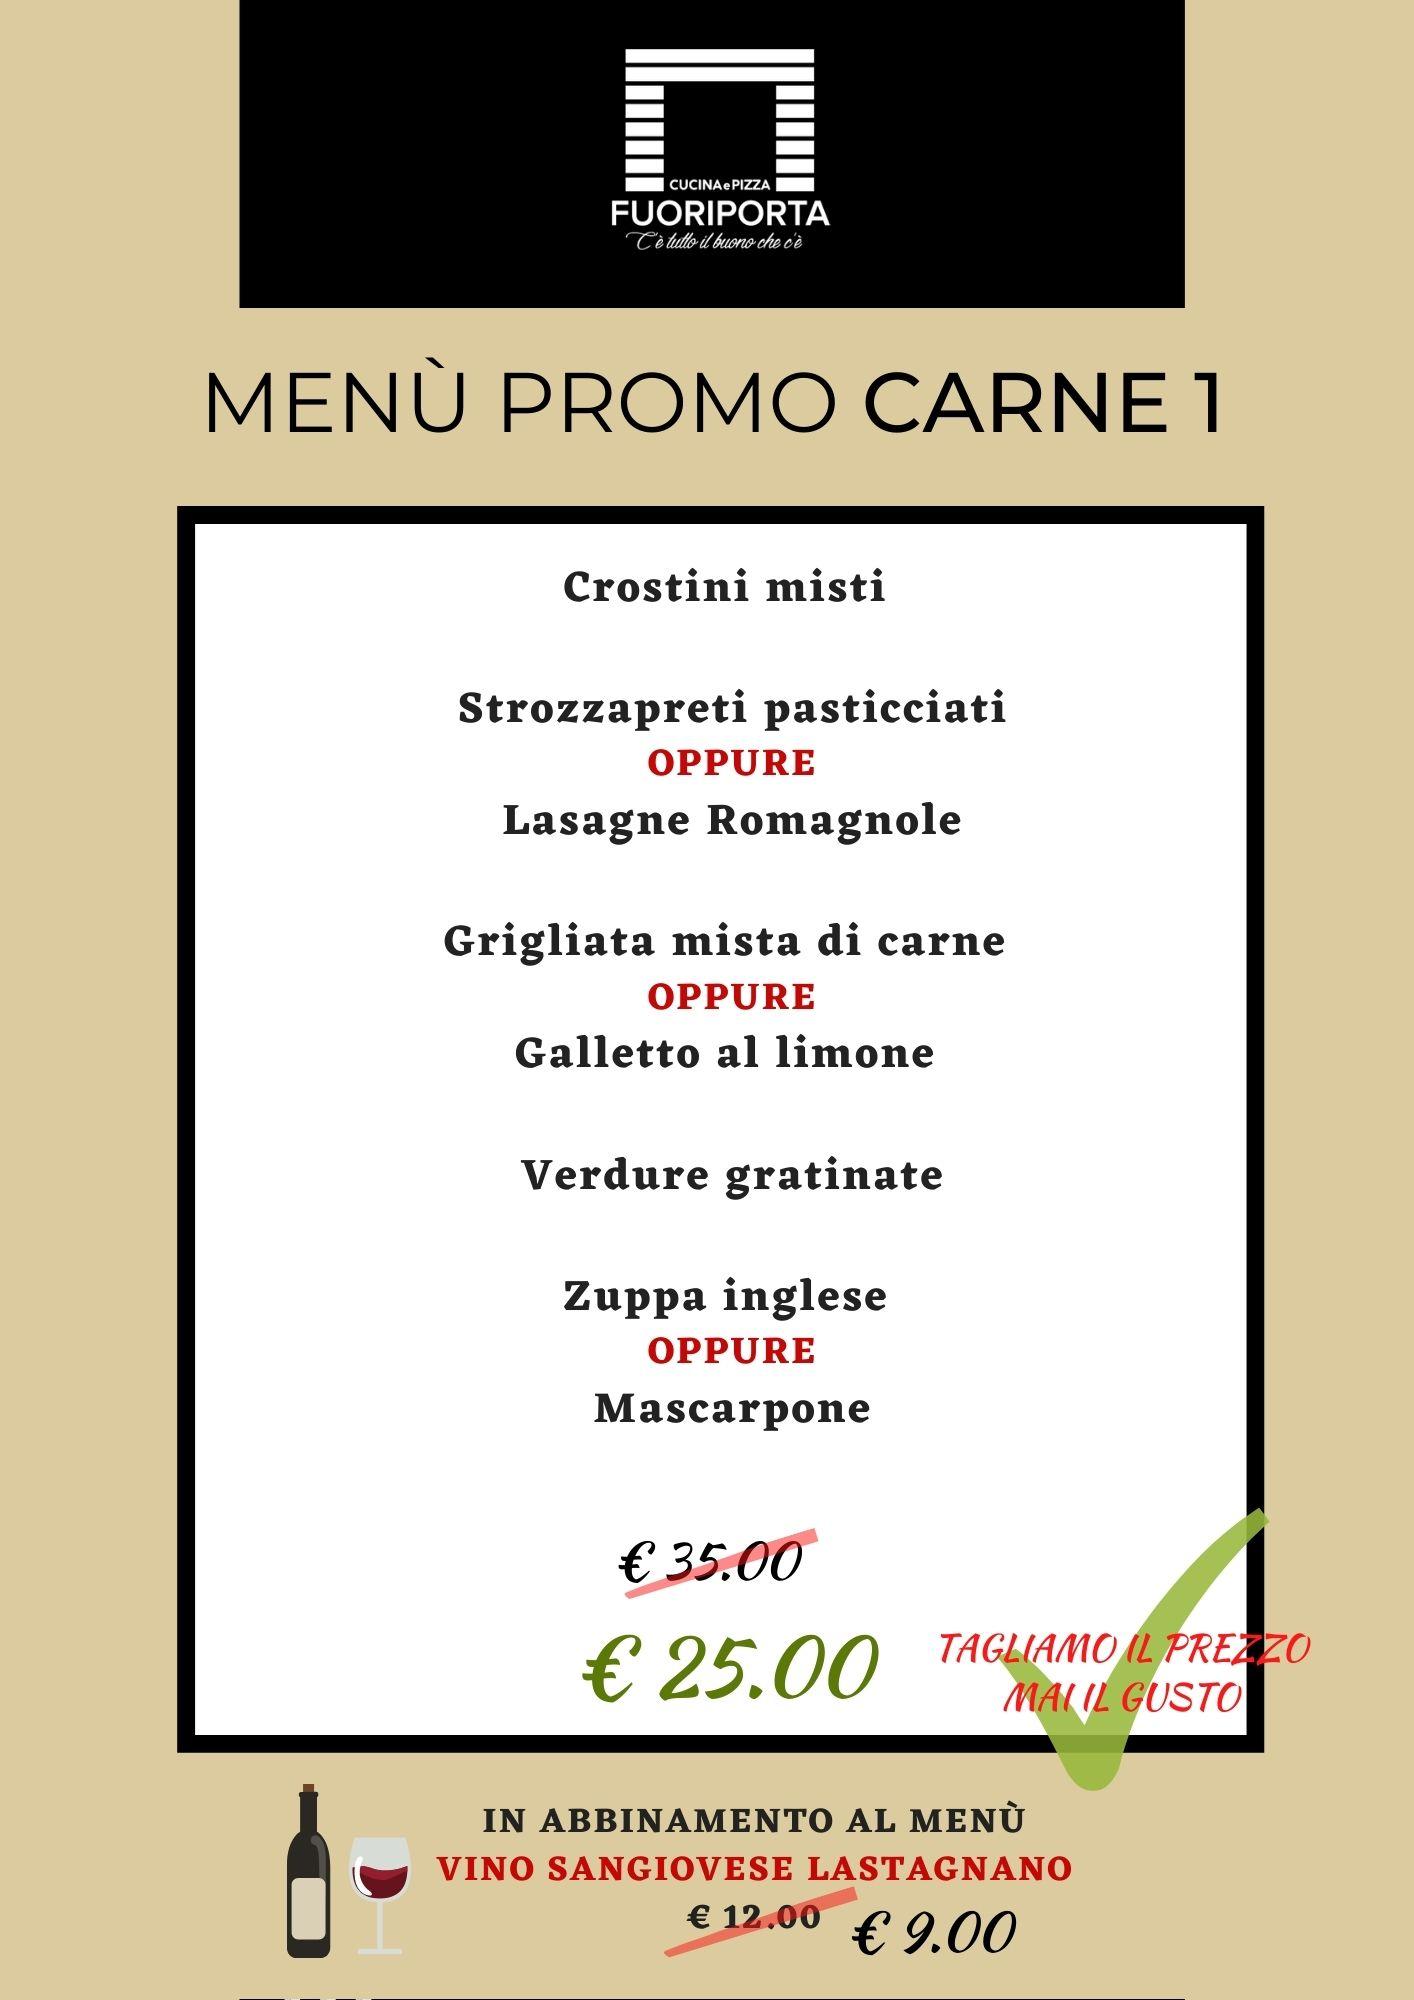 menu promo carne 1